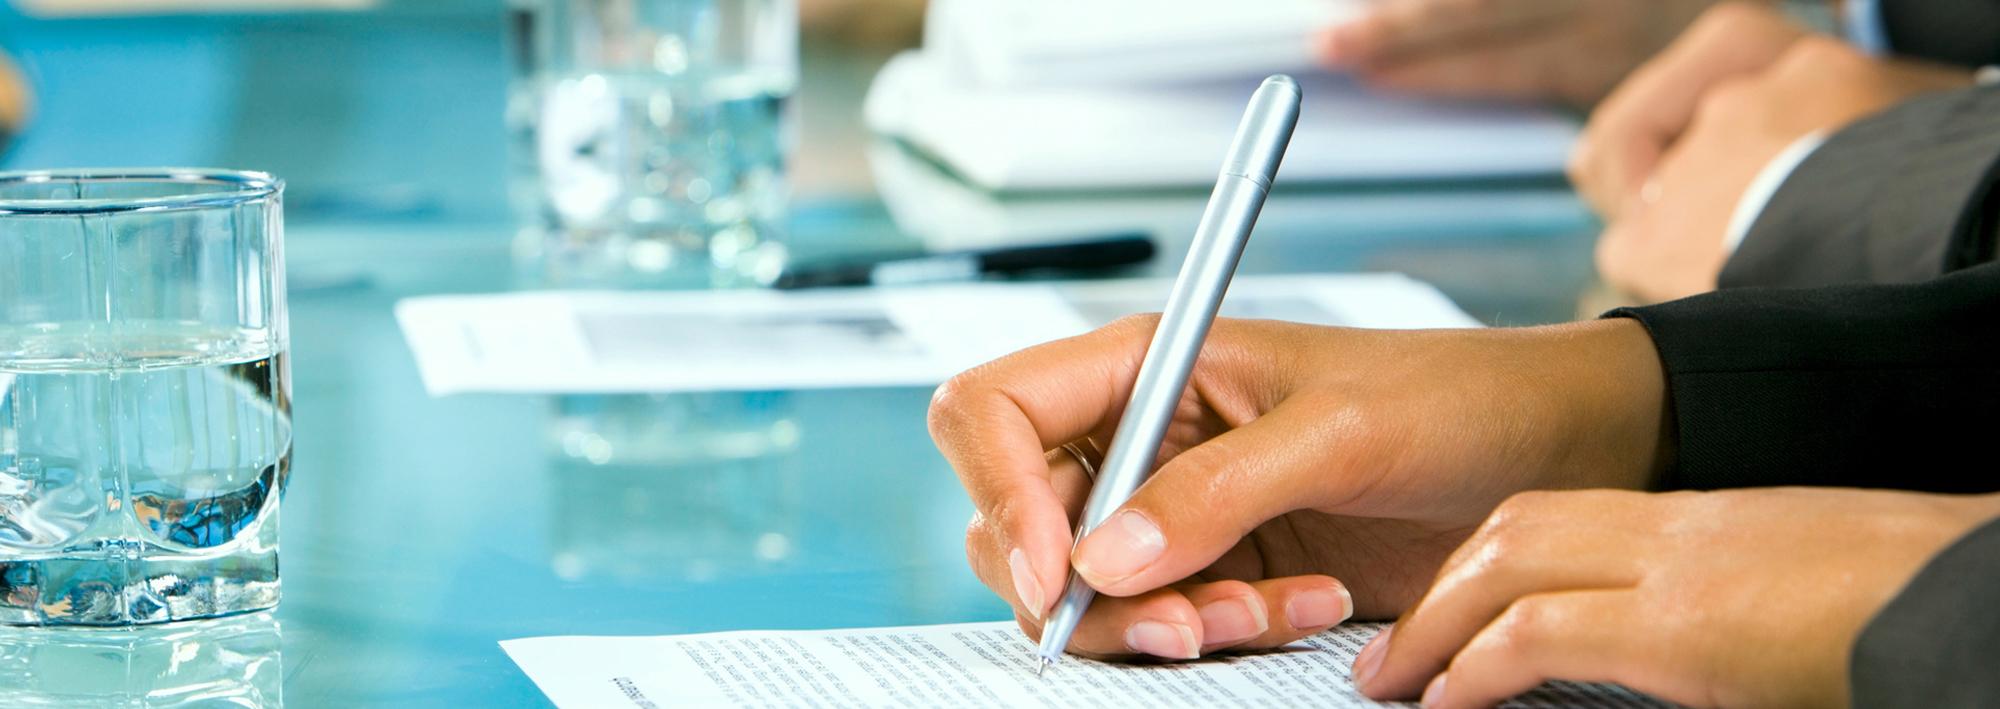 Projektleitung, Planung und strategische Geschäftsentwicklung